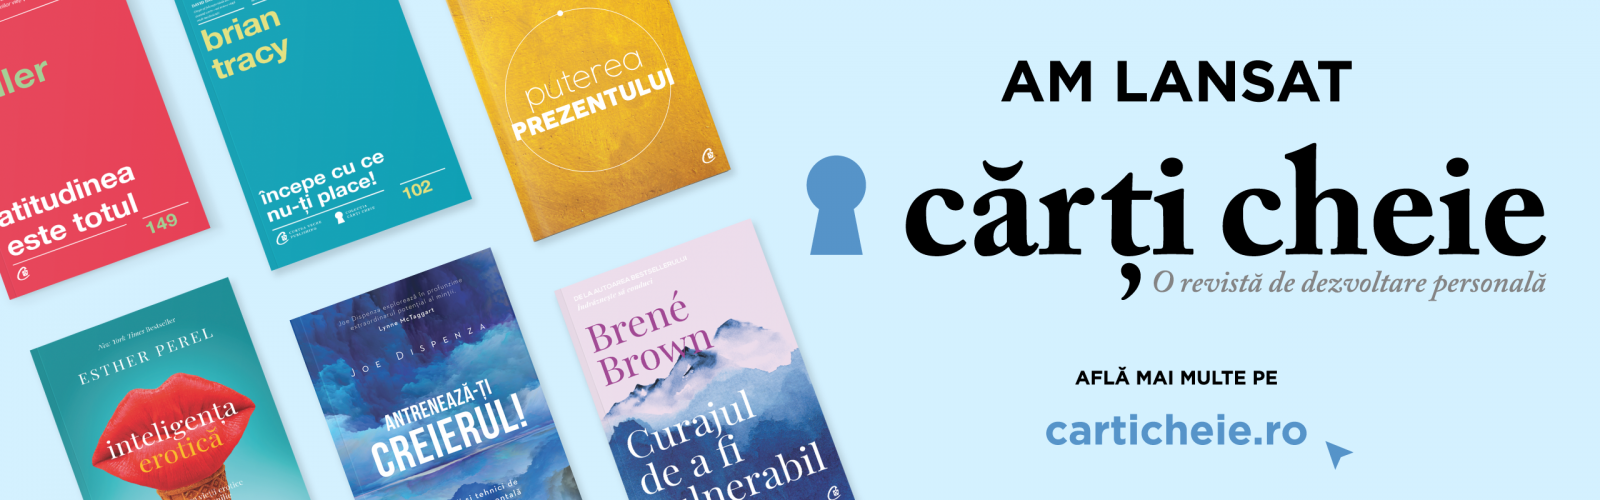 Curtea Veche Publishing lansează prima revista de dezvoltare personală a unei edituri, carticheie.ro